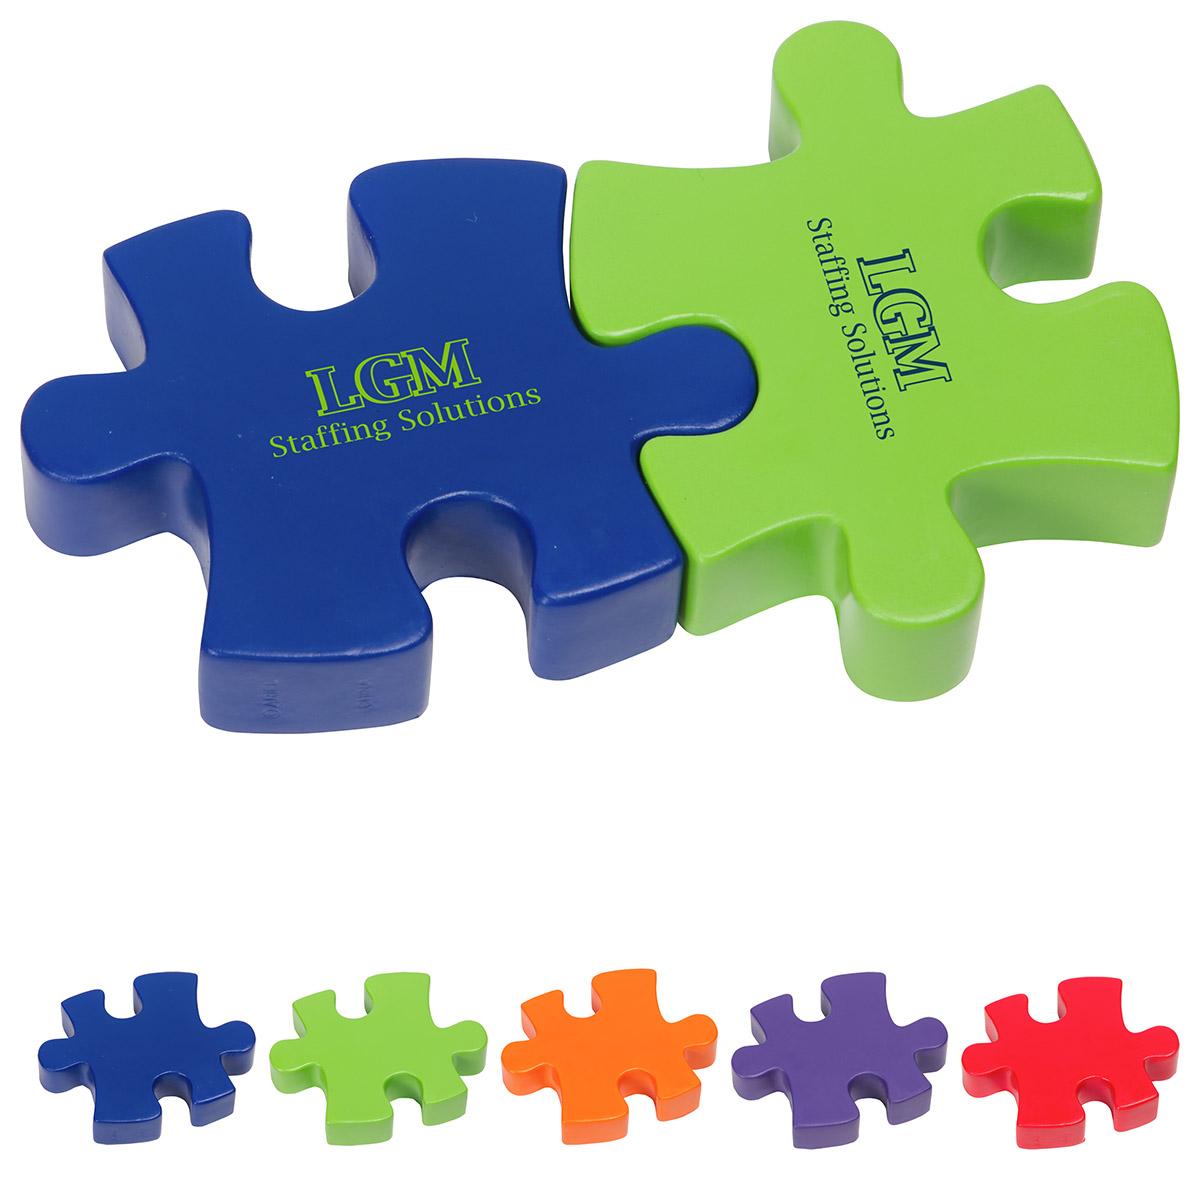 2-Piece Connecting Puzzle Set Stress Reliever, LGS-2P17, 1 Colour Imprint